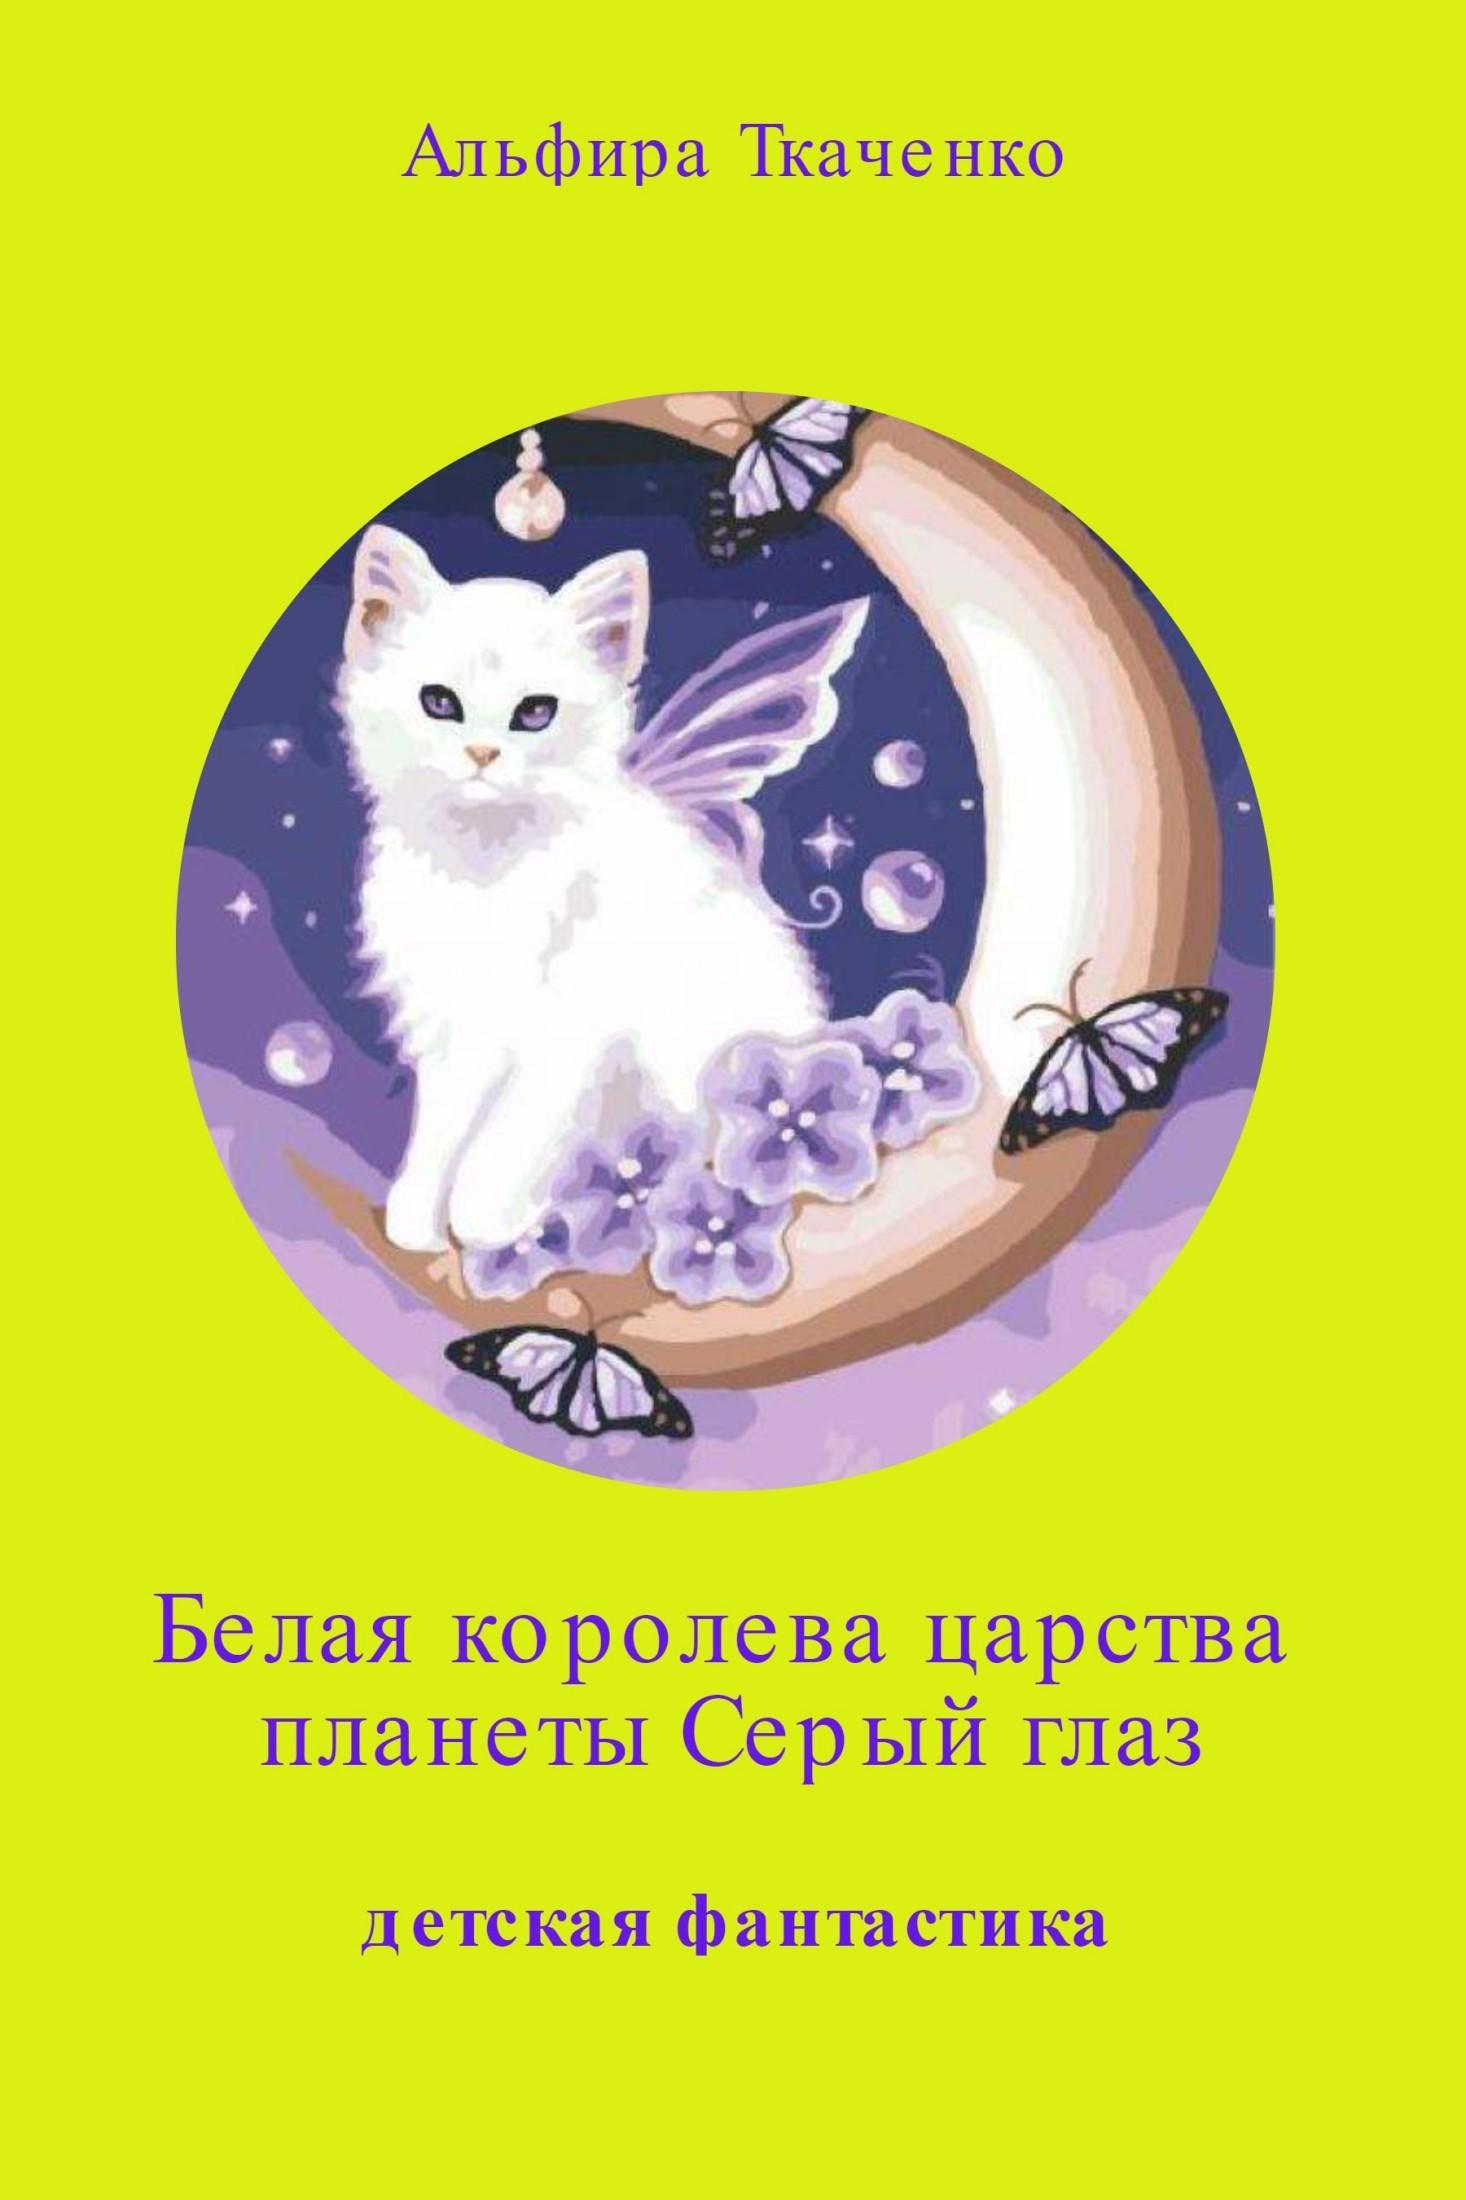 Альфира Ткаченко - Белая королева царства планеты «Серый глаз»